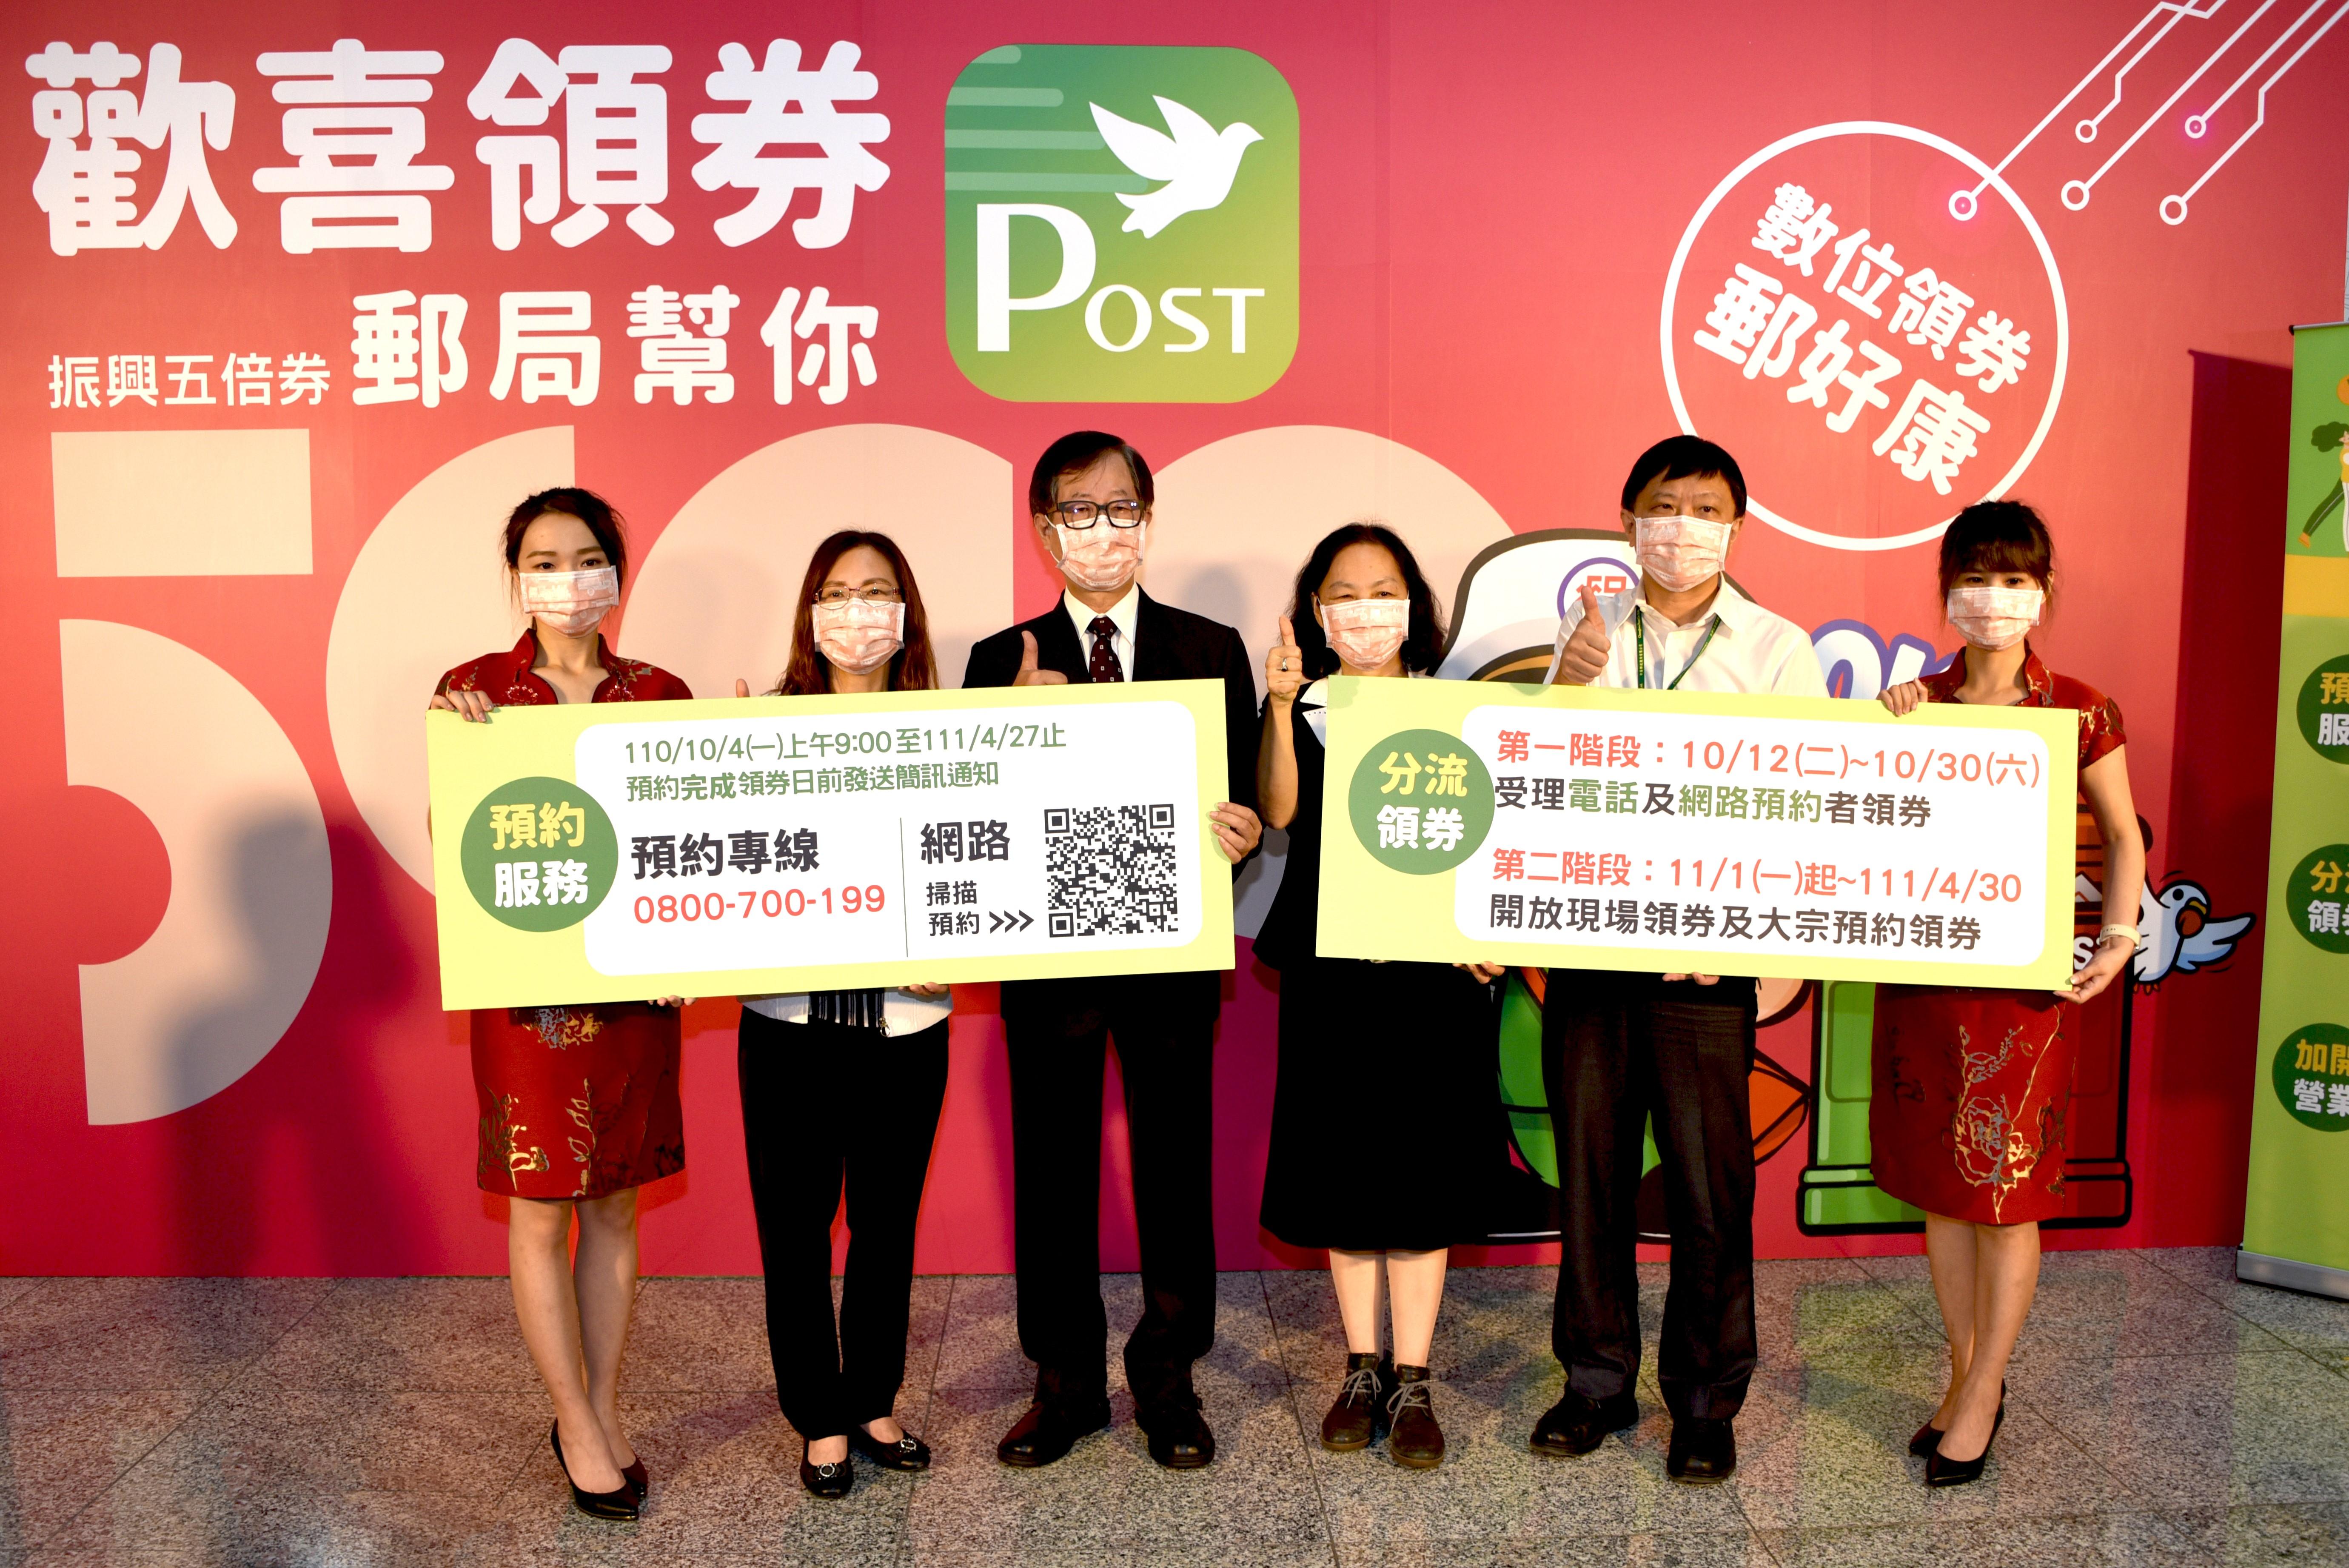 中華郵政數位領券 有好康   紙本券輕鬆預約 歡喜領取